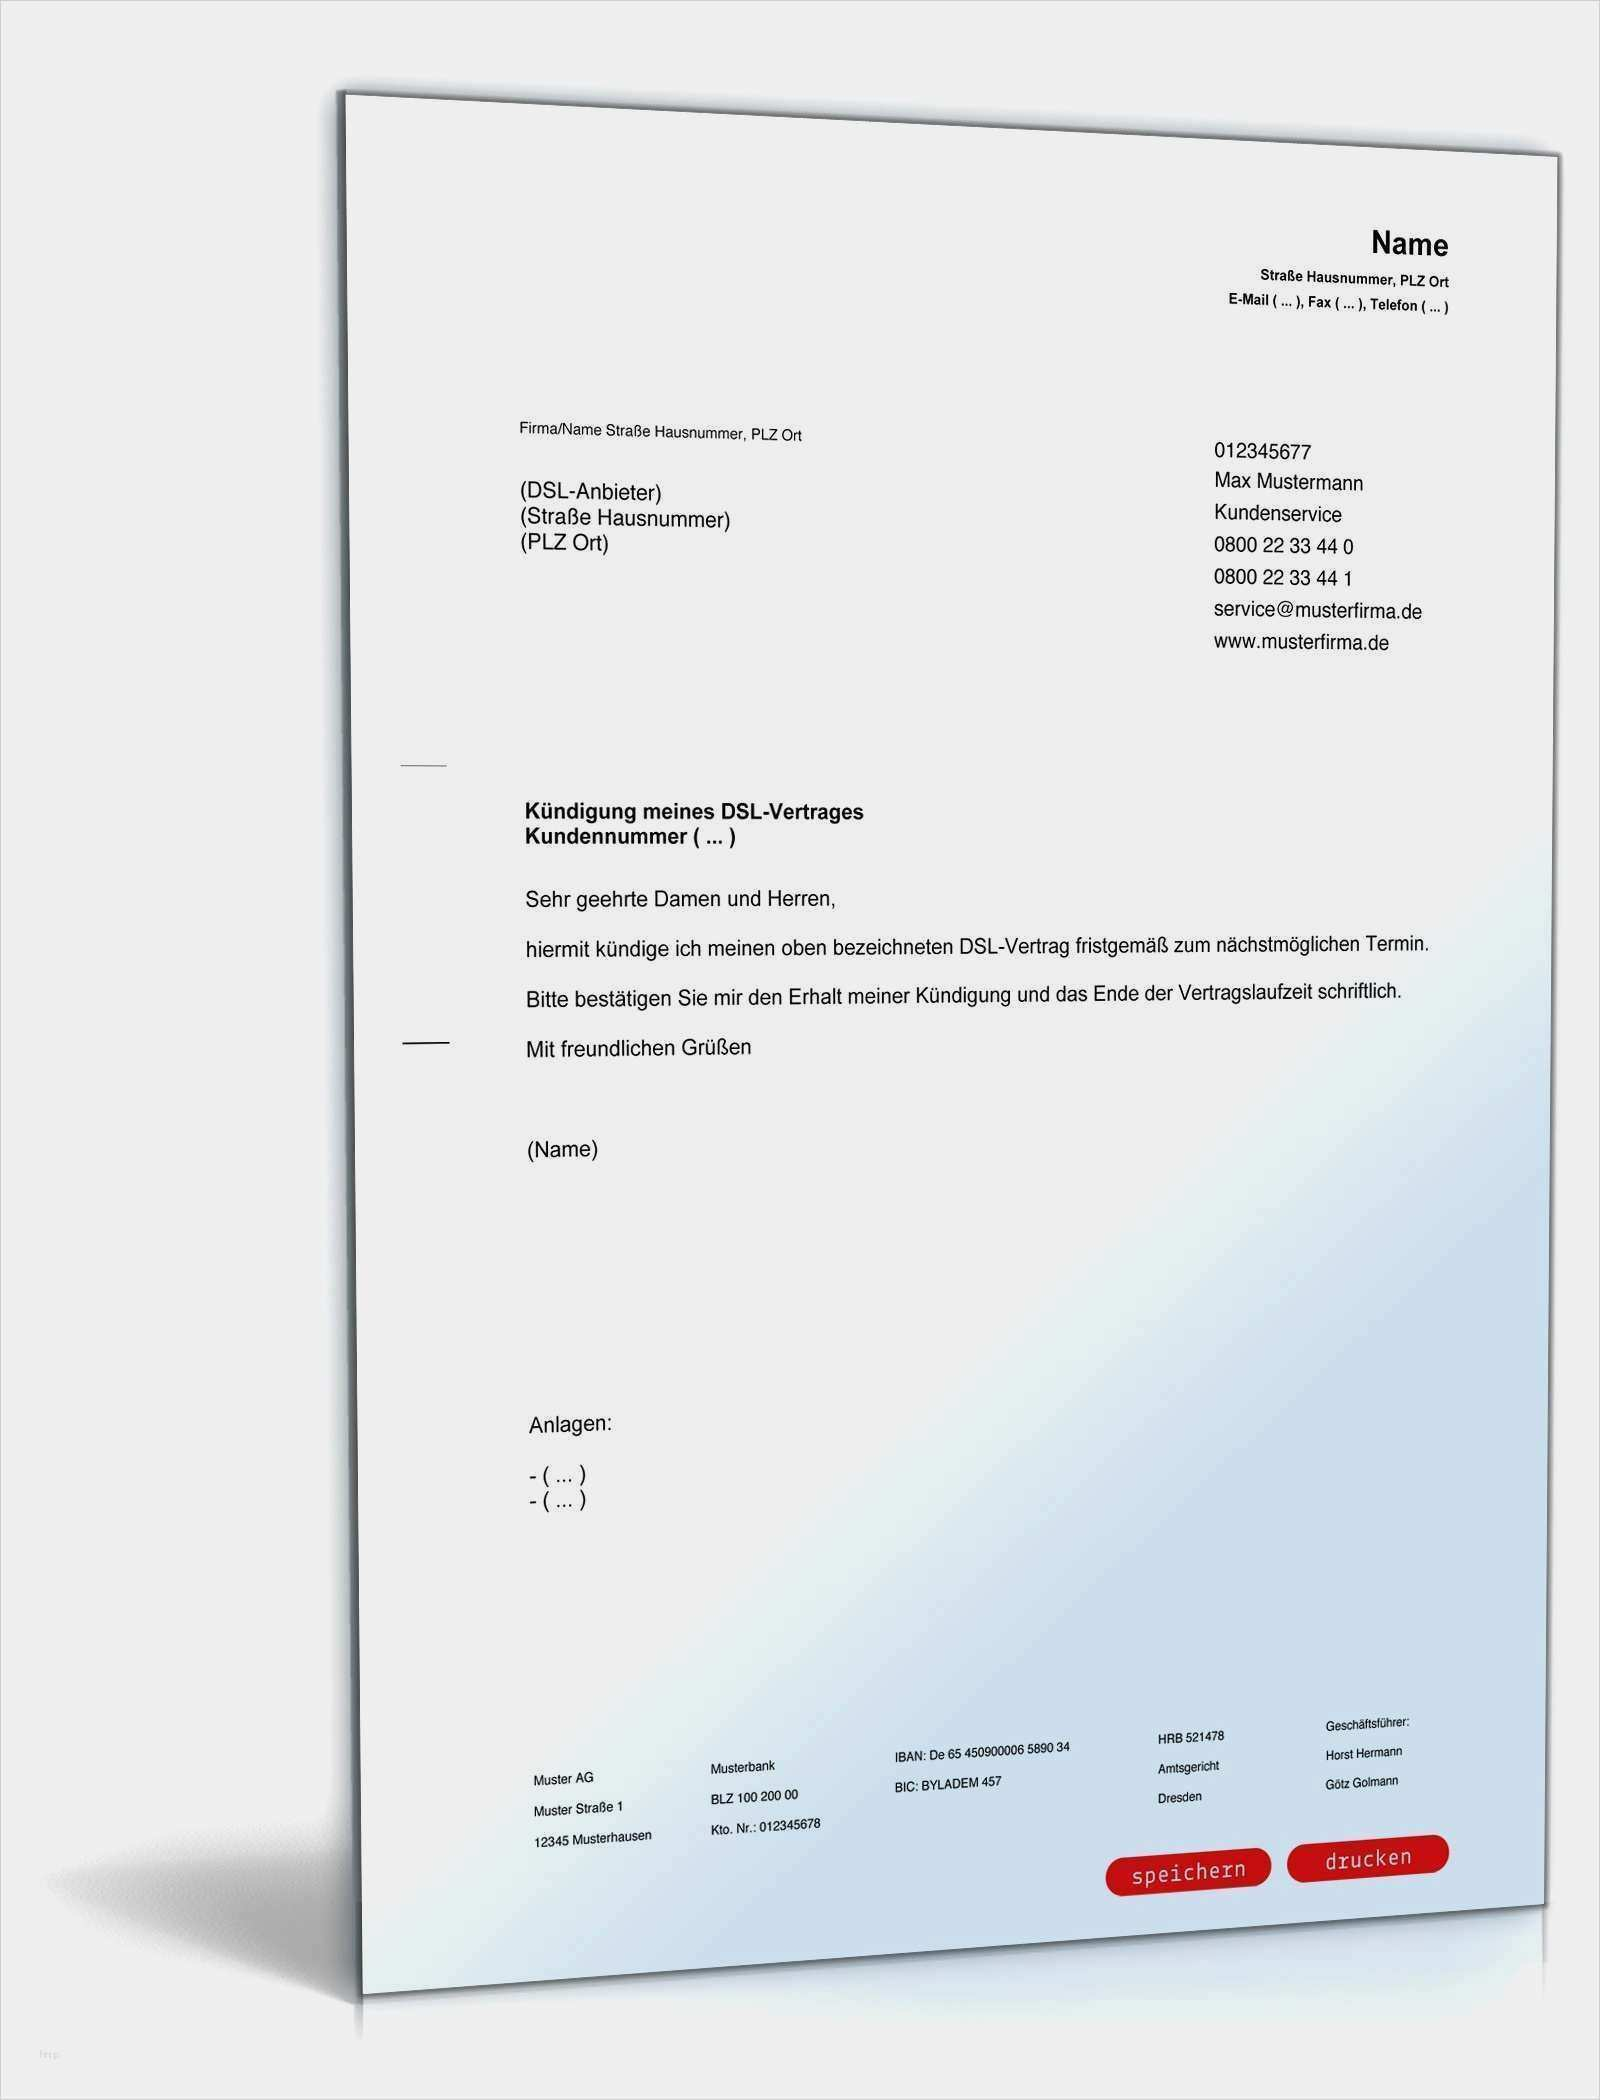 32 Bewundernswert Hausarztvertrag Kundigen Vorlage Foto Vorlagen Word Vorlagen Geschenkgutschein Vorlage